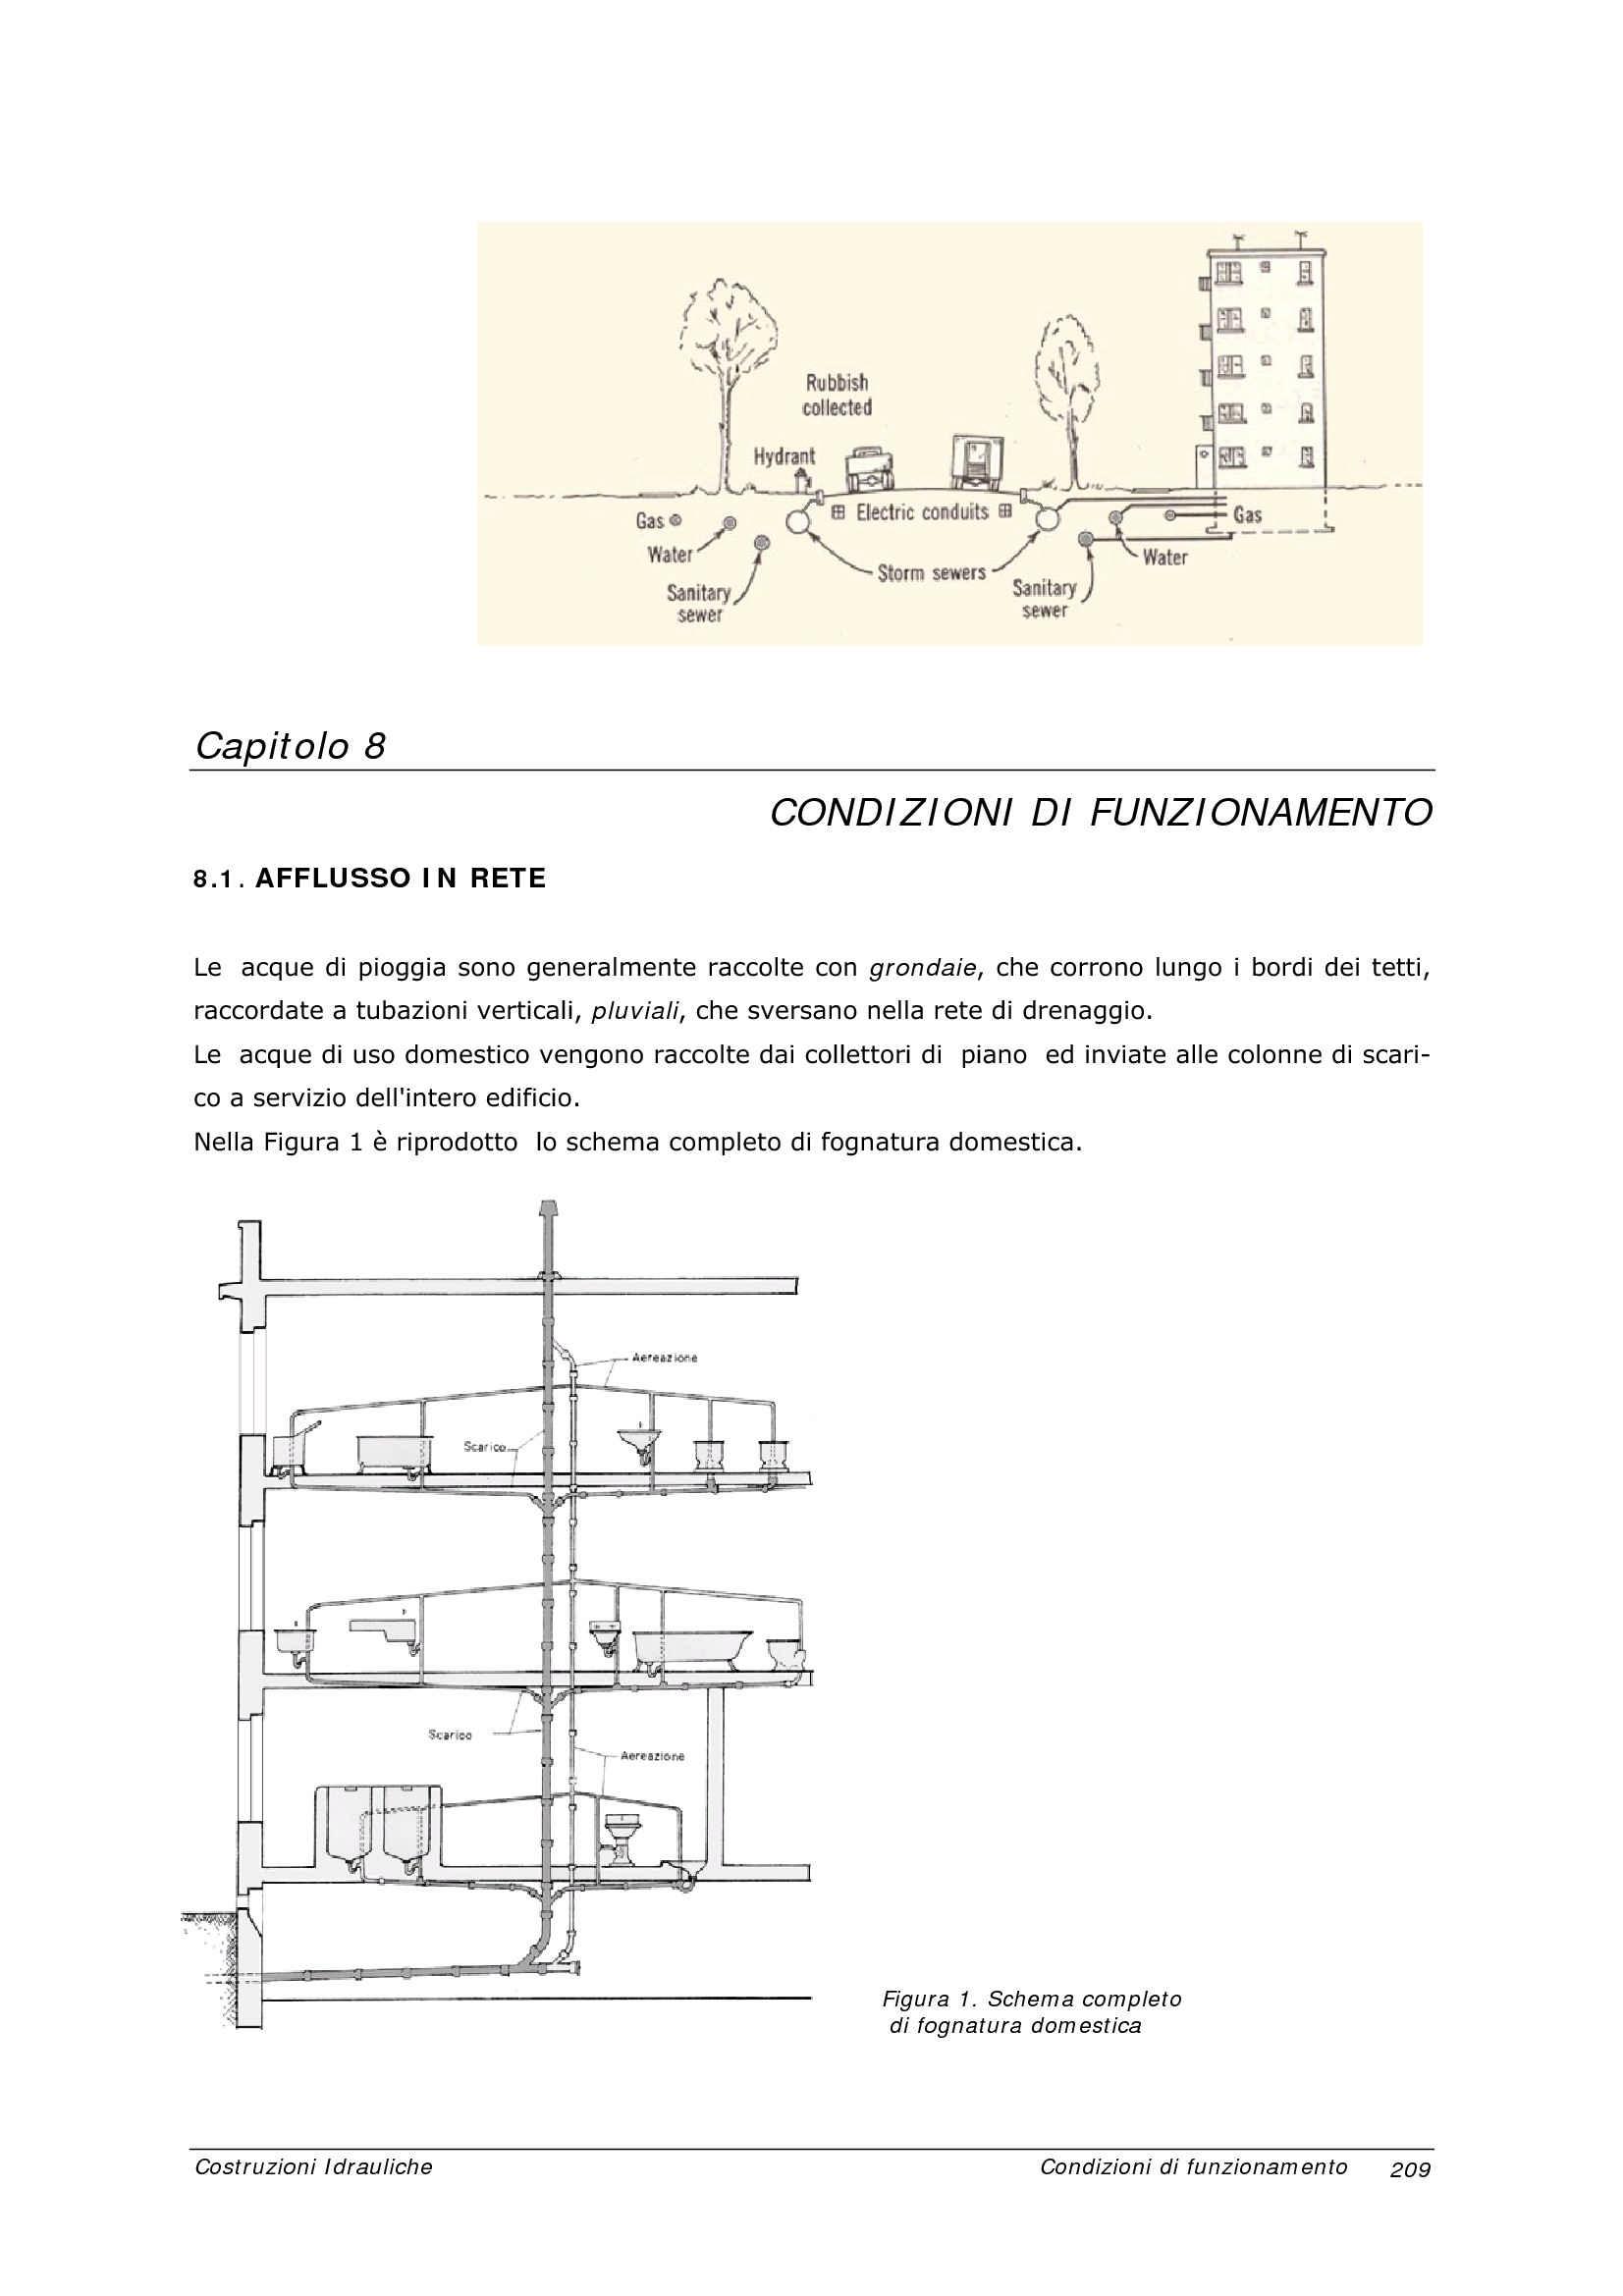 Fognature - Principi di funzionamento